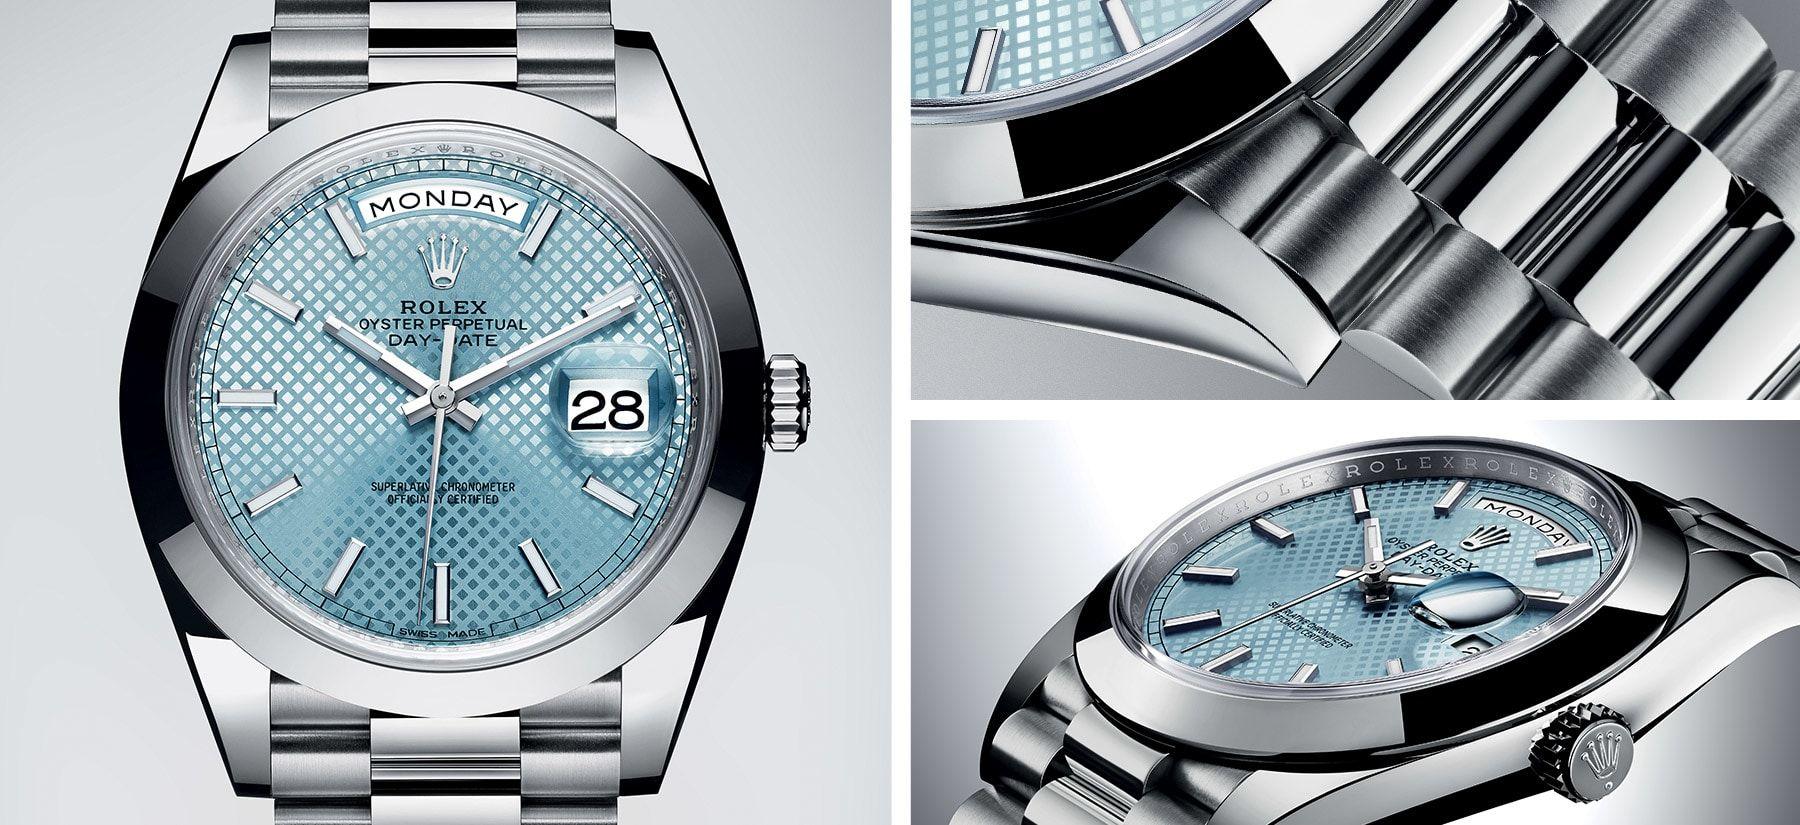 979c14f61d8 Rolex Day-Date - The Ultimate Prestige Watch